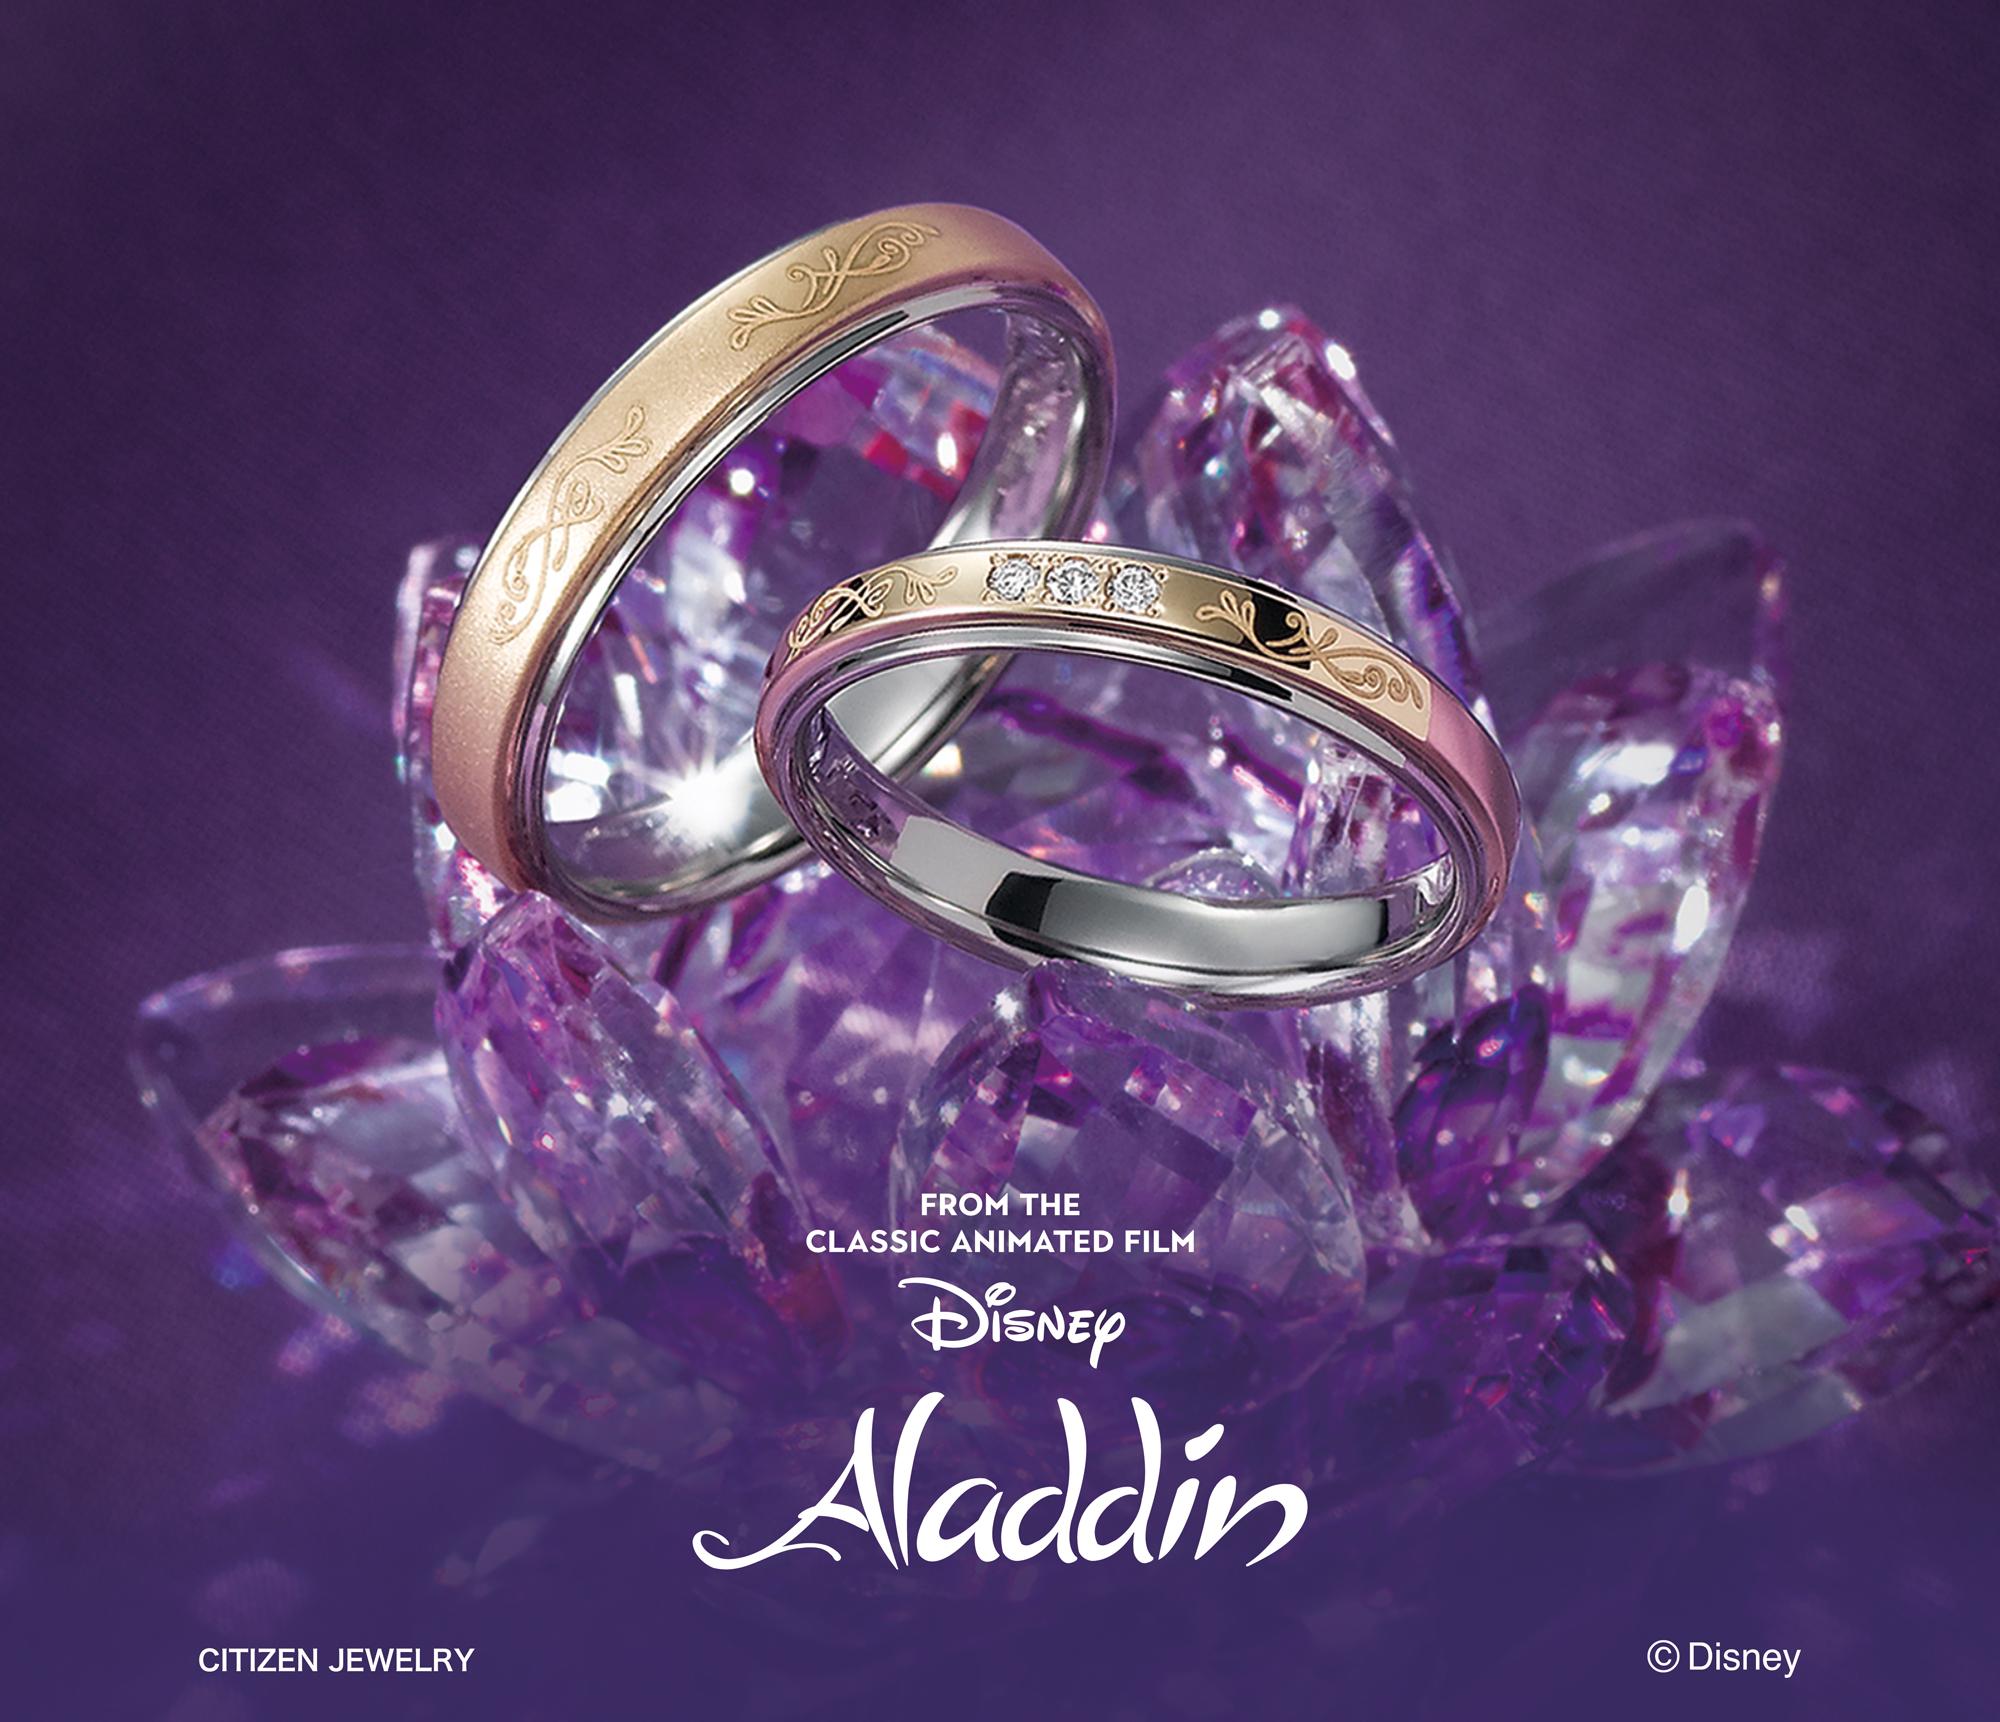 銀座・柏・直方の結婚指輪2019年モデル【新作】Disney Princess(ディズニープリンセス)_01